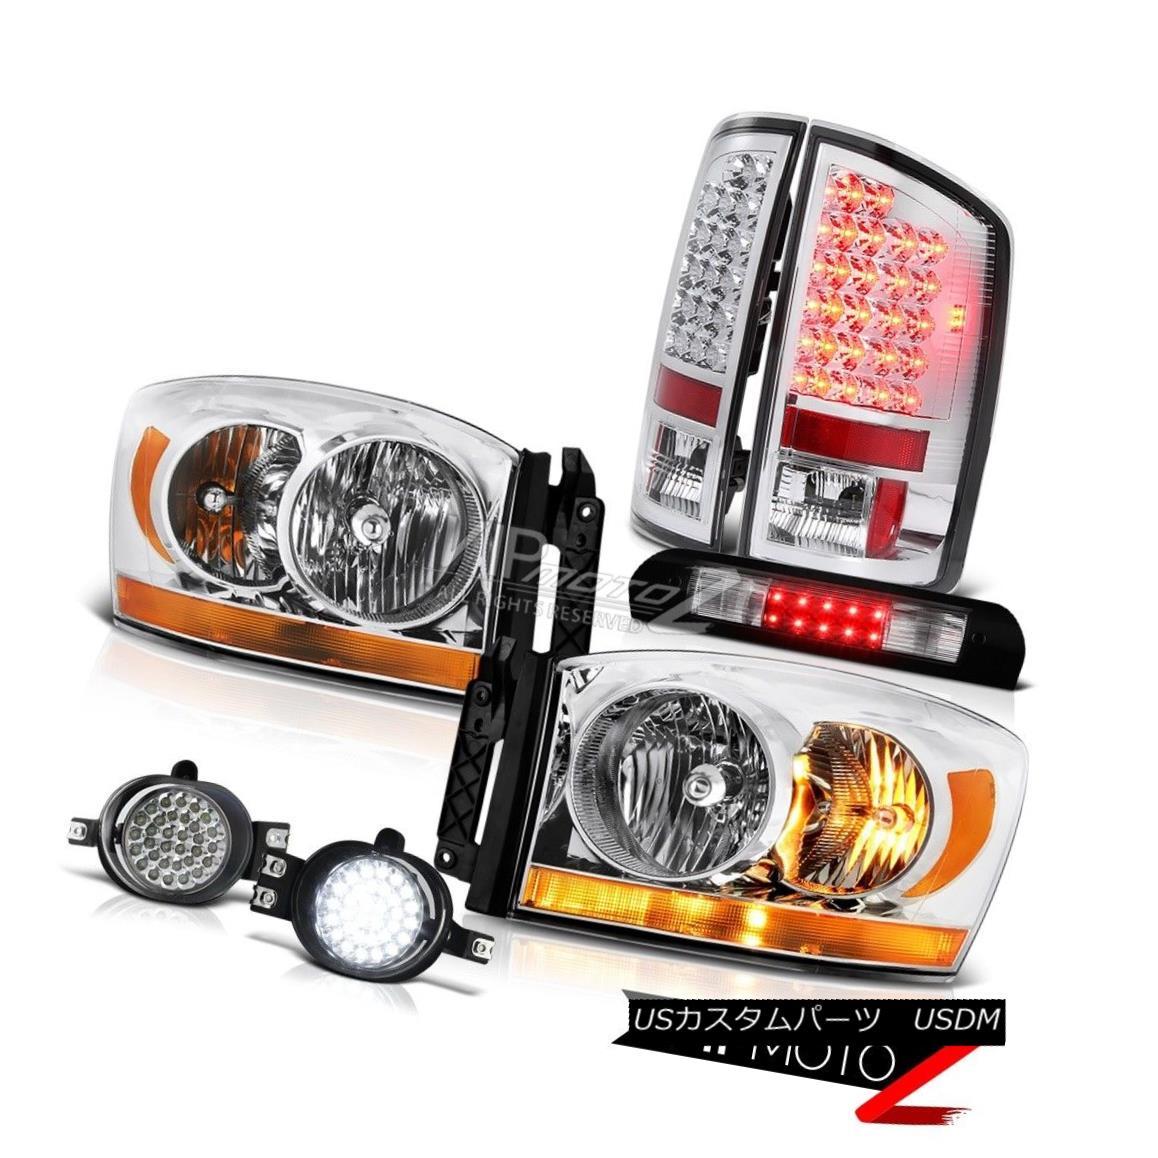 ヘッドライト 07-09 Dodge Ram 2500 3500 Ws Headlamps Foglamps Third Brake Light Tail Lamps 07-09ダッジラム2500 3500 Wヘッドランプフォグランプ第3ブレーキライトテールランプ